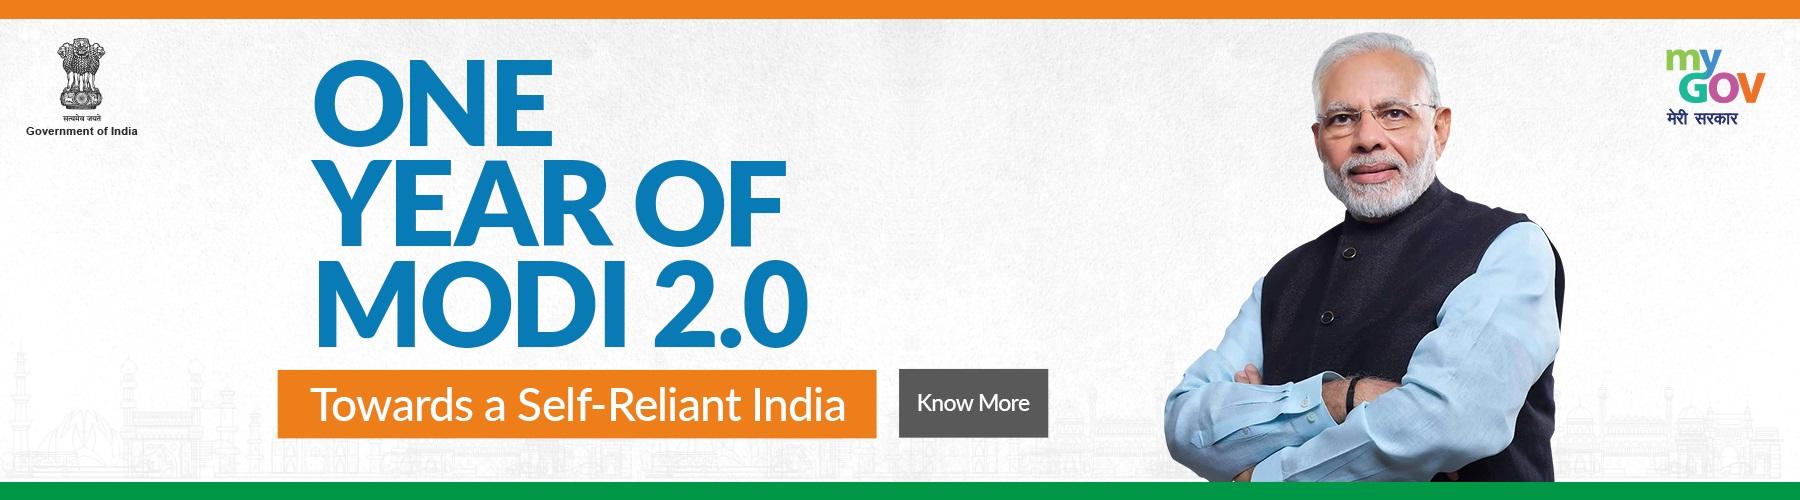 E-Book of One Year of Modi 2.0